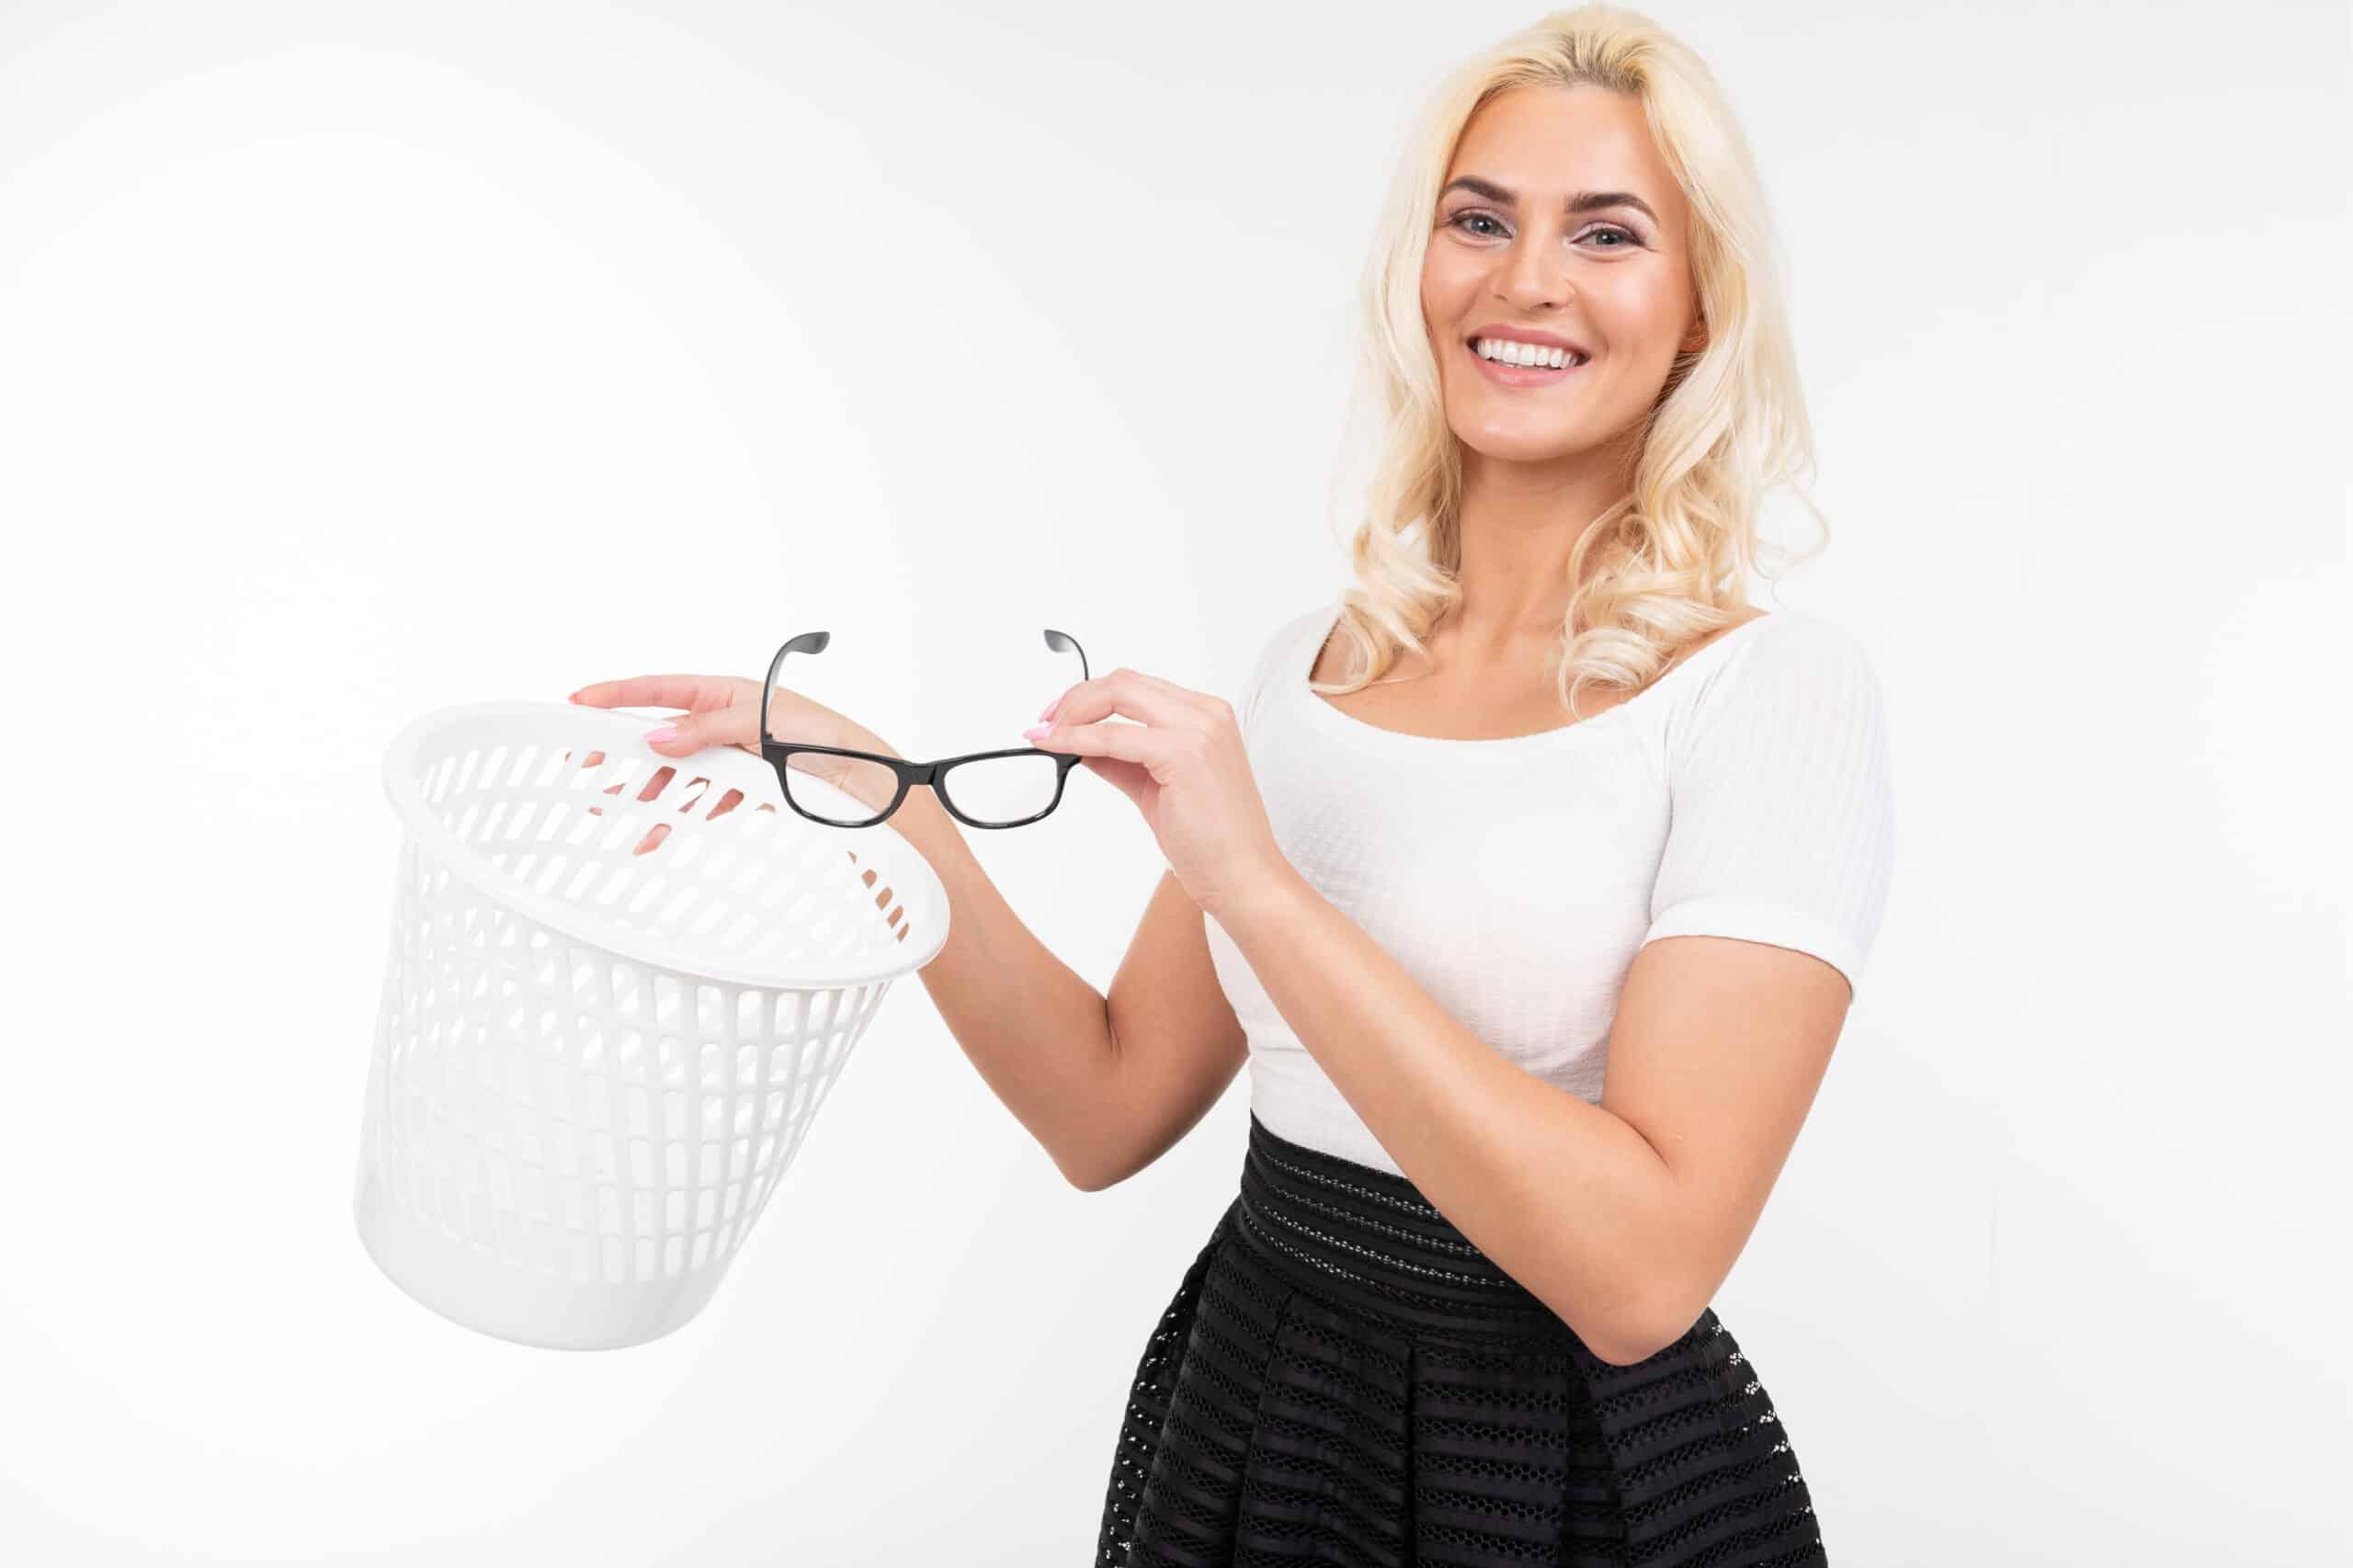 Model getting rid of Glasses for LASIK